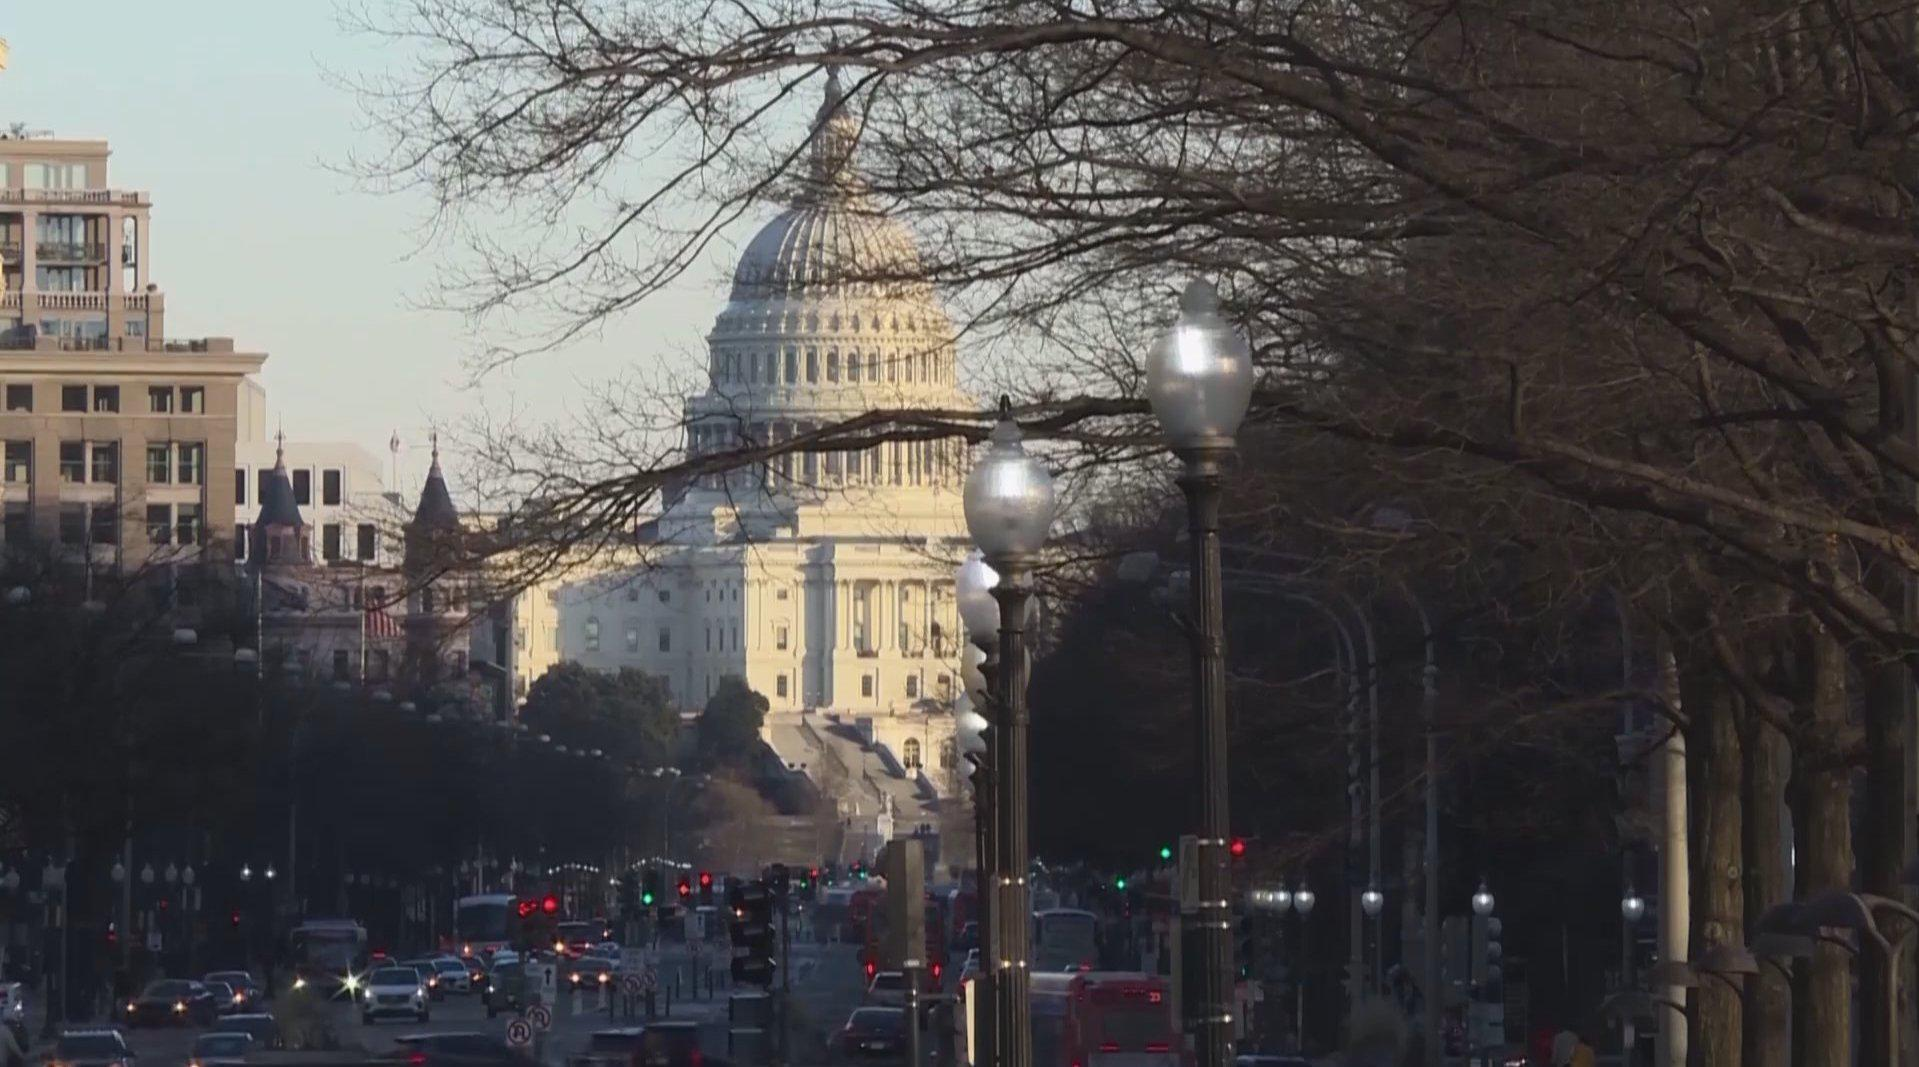 美众院议长拟引宪法撤特朗普行政职权